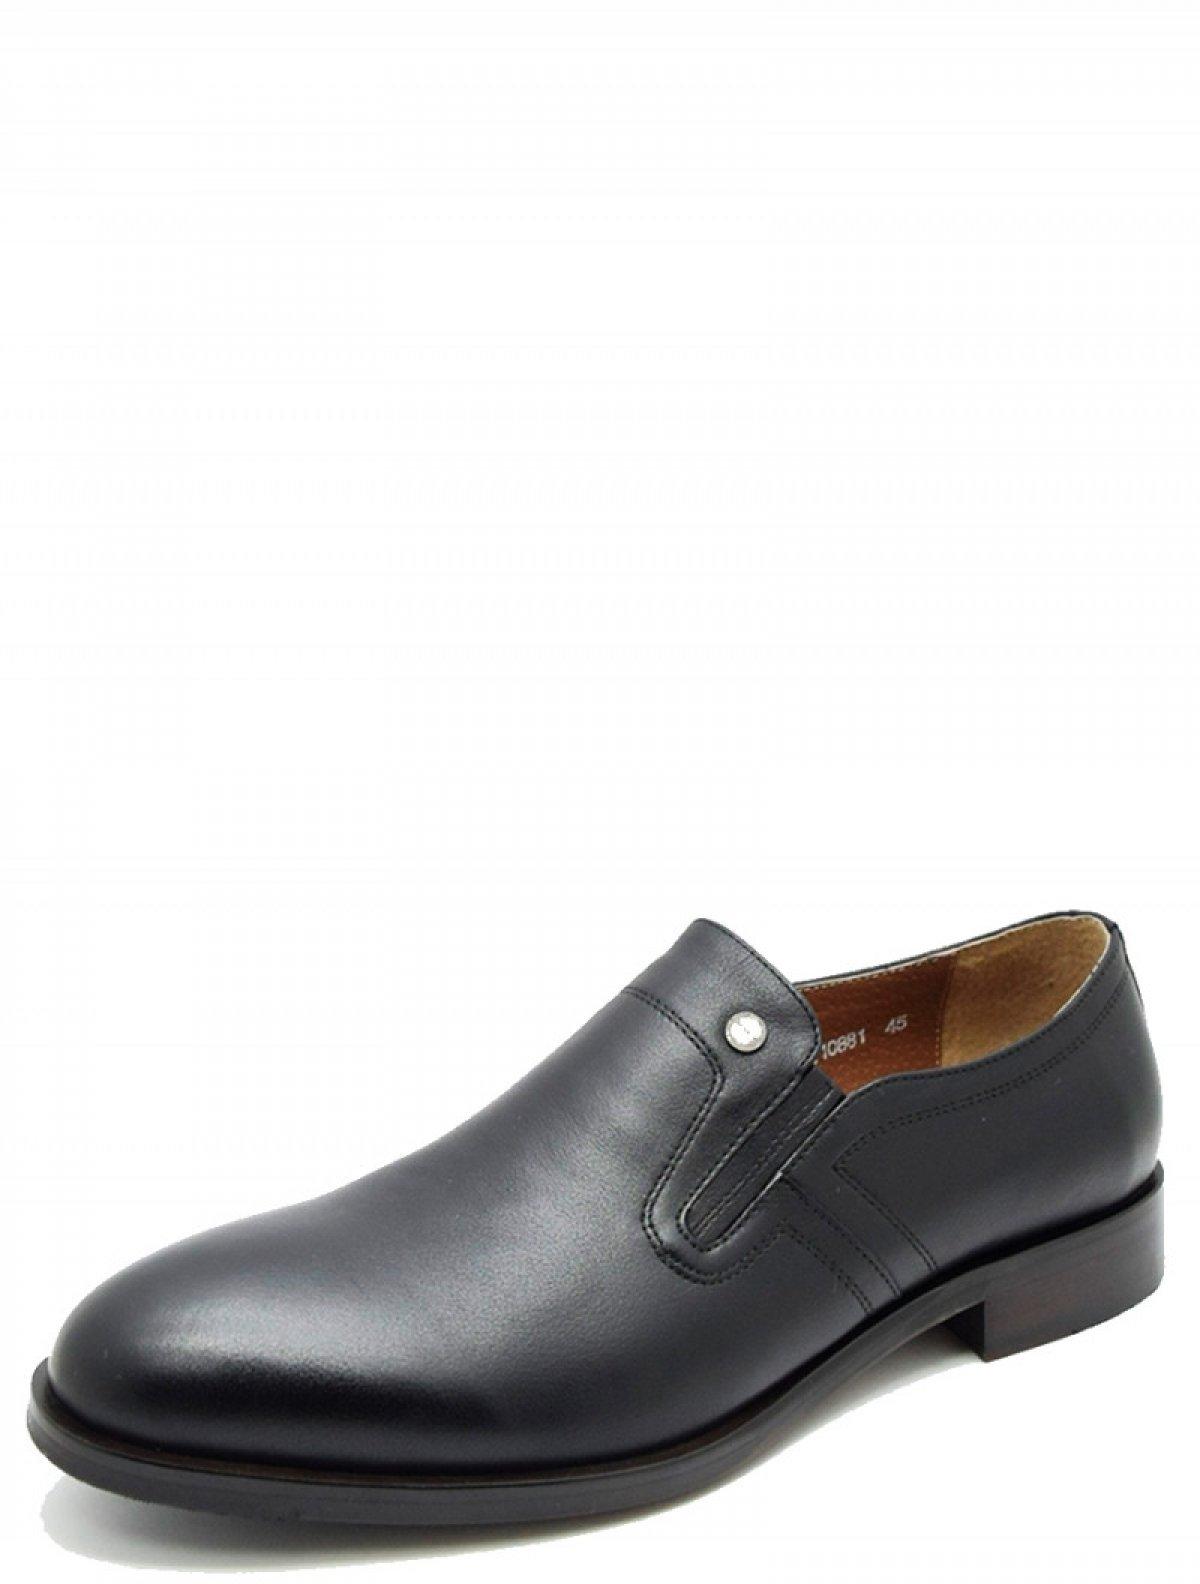 Respect VS83-110881 мужские туфли